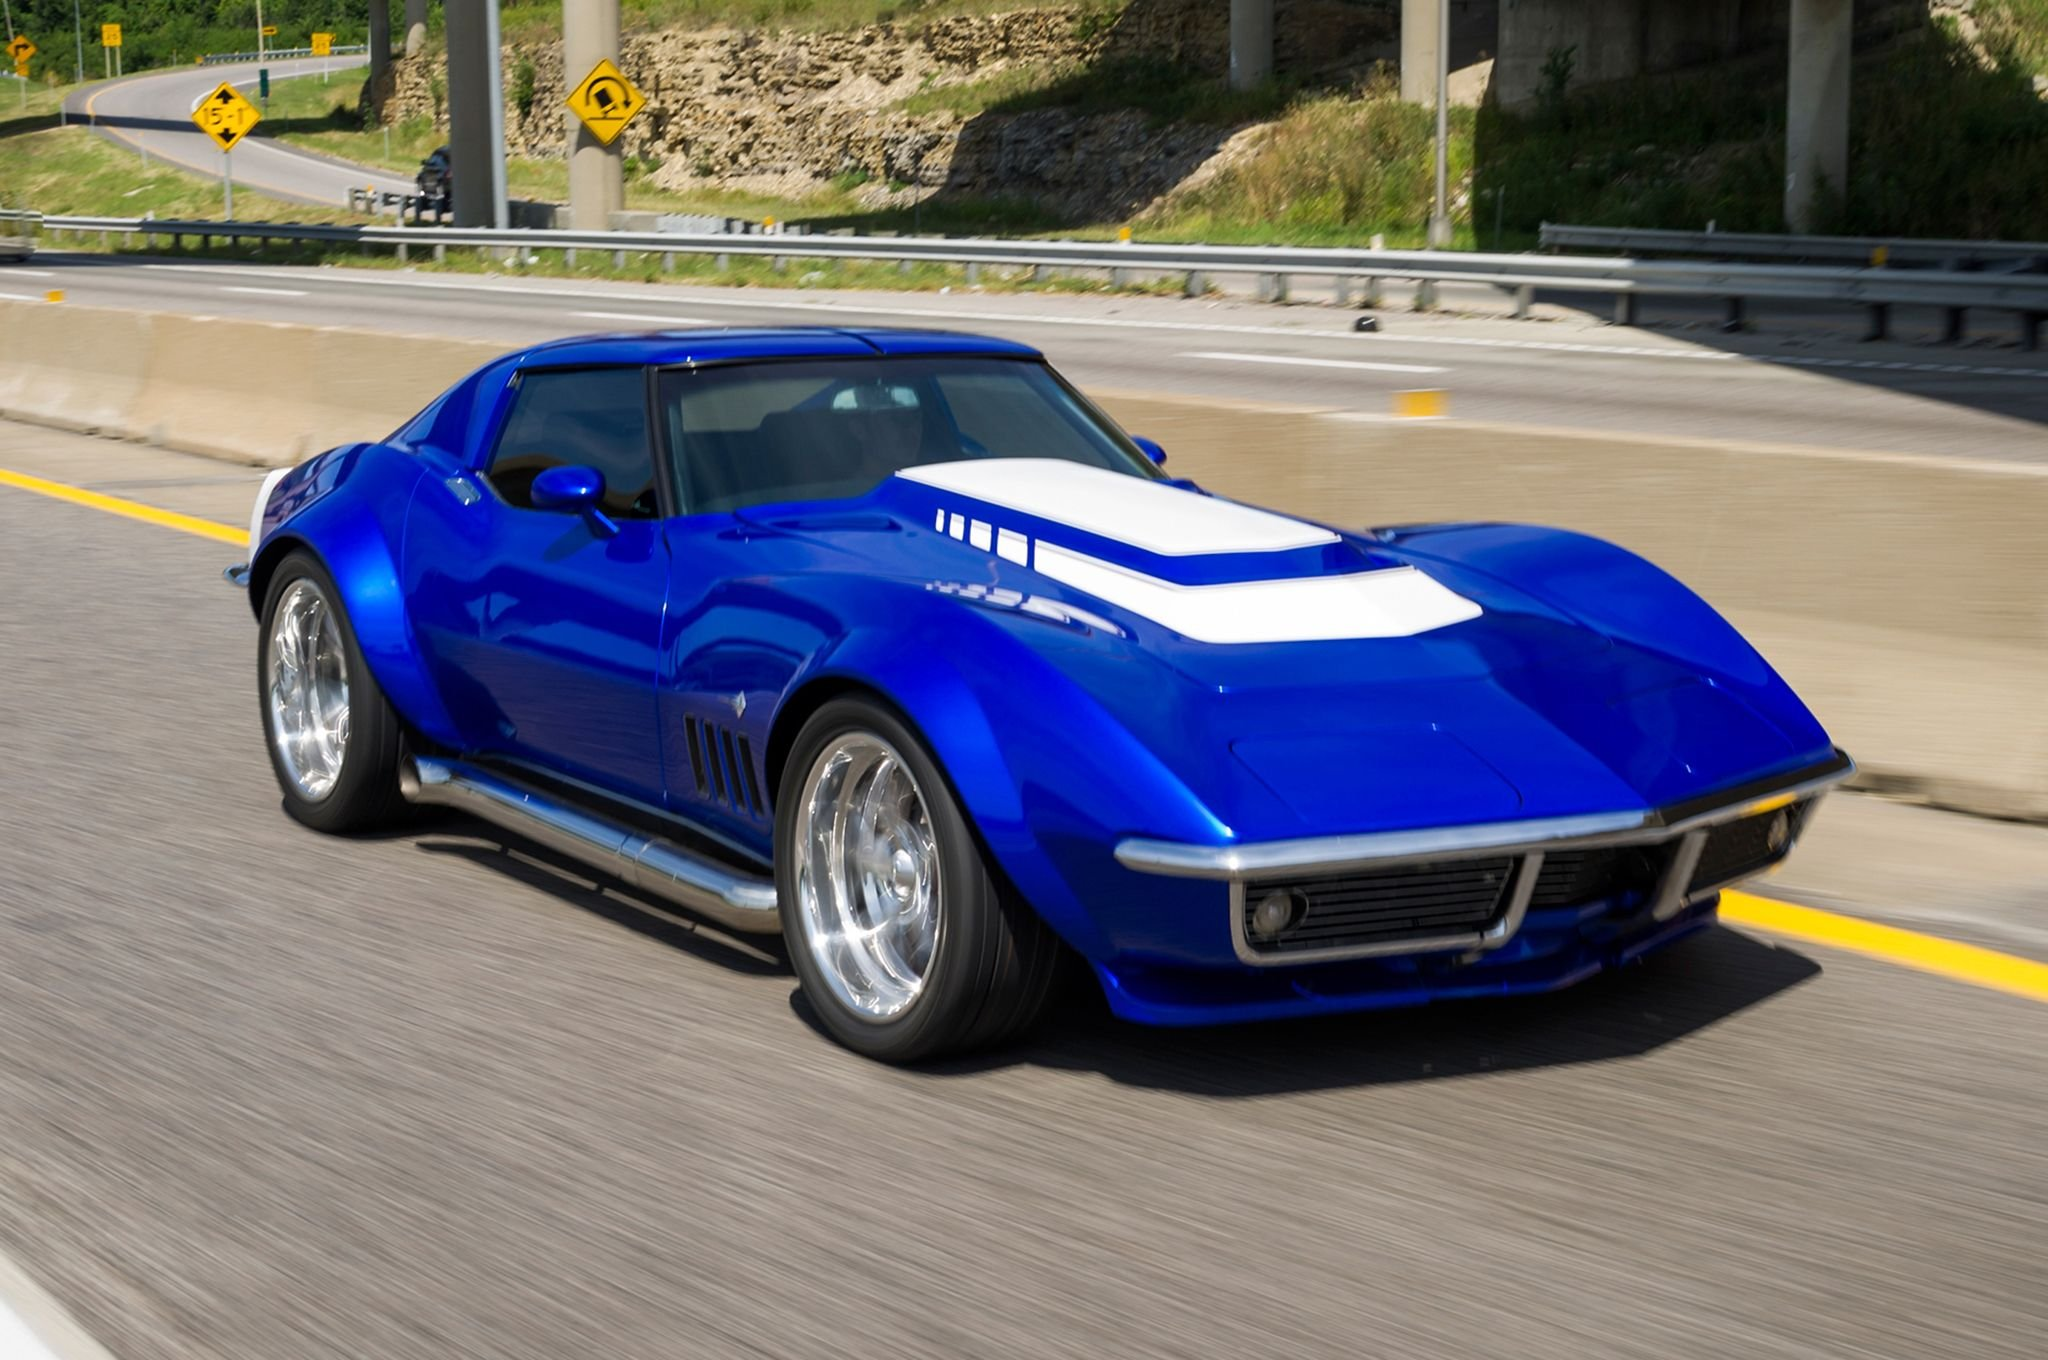 1969 chevrolet corvette stingray blue c3 cars wallpaper 2048x1360 841971 wallpaperup - Corvette Stingray 1969 Wallpaper